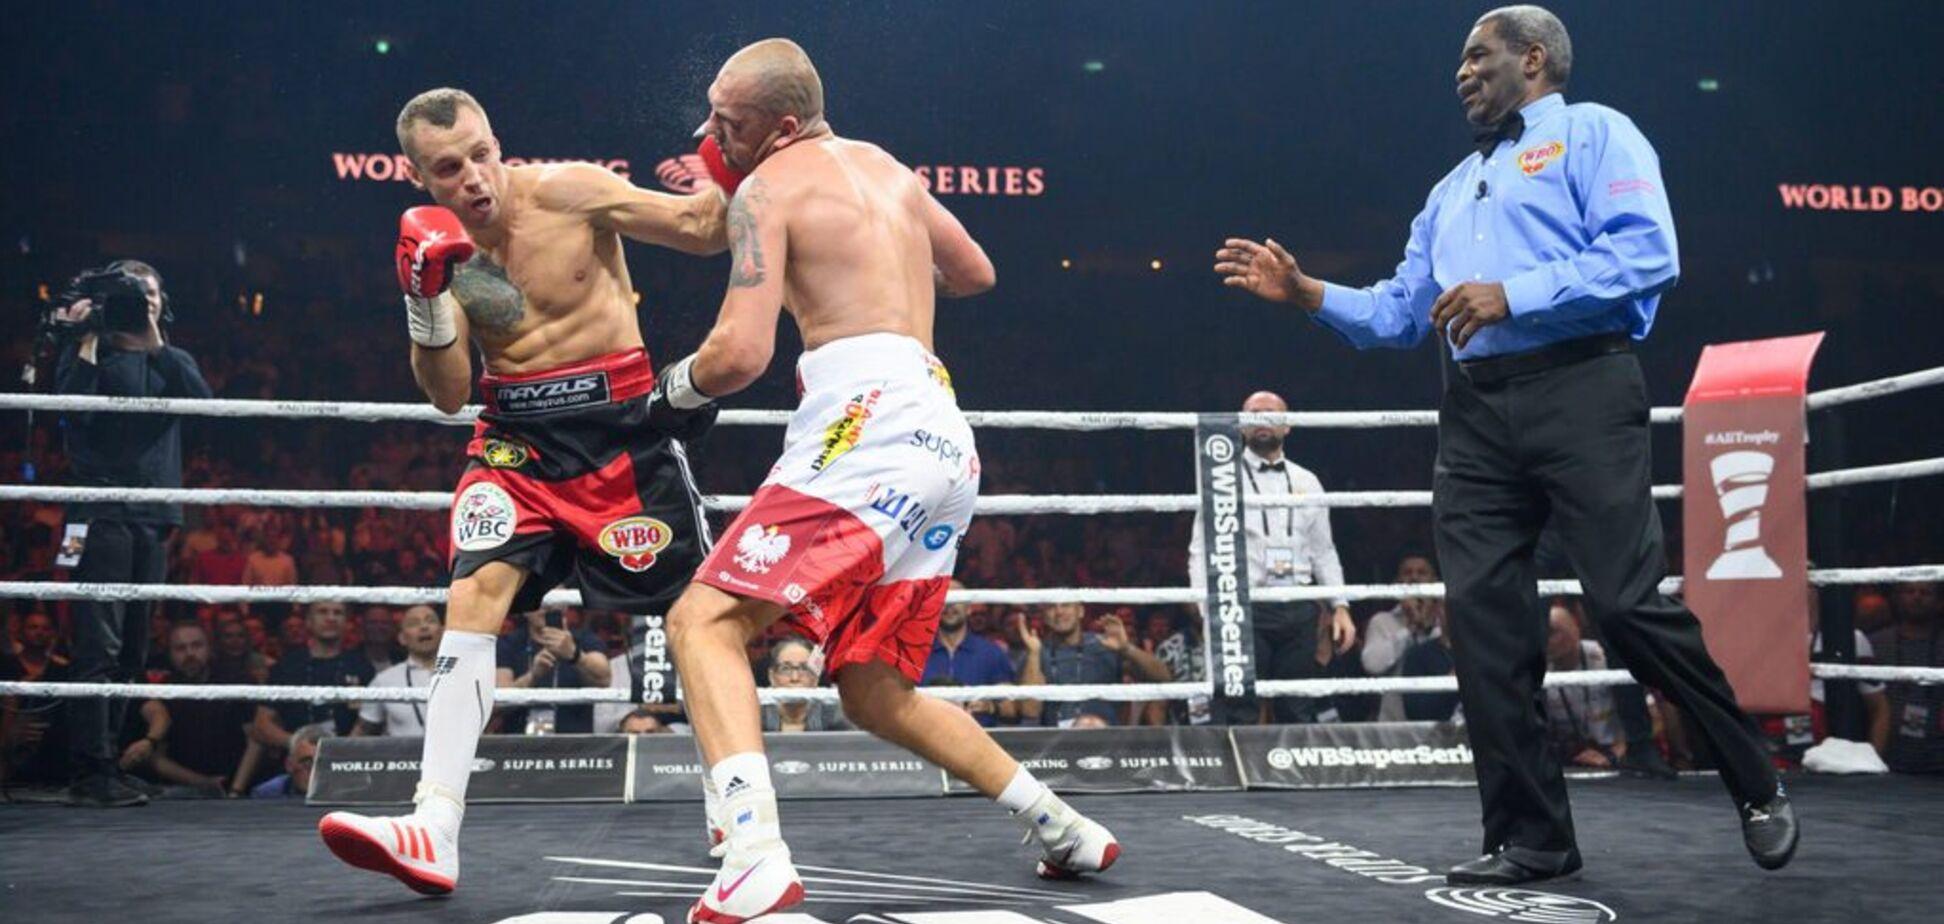 'Дикое дело': бой экс-соперников Усика в полуфинале WBSS обернулся грандиозным скандалом